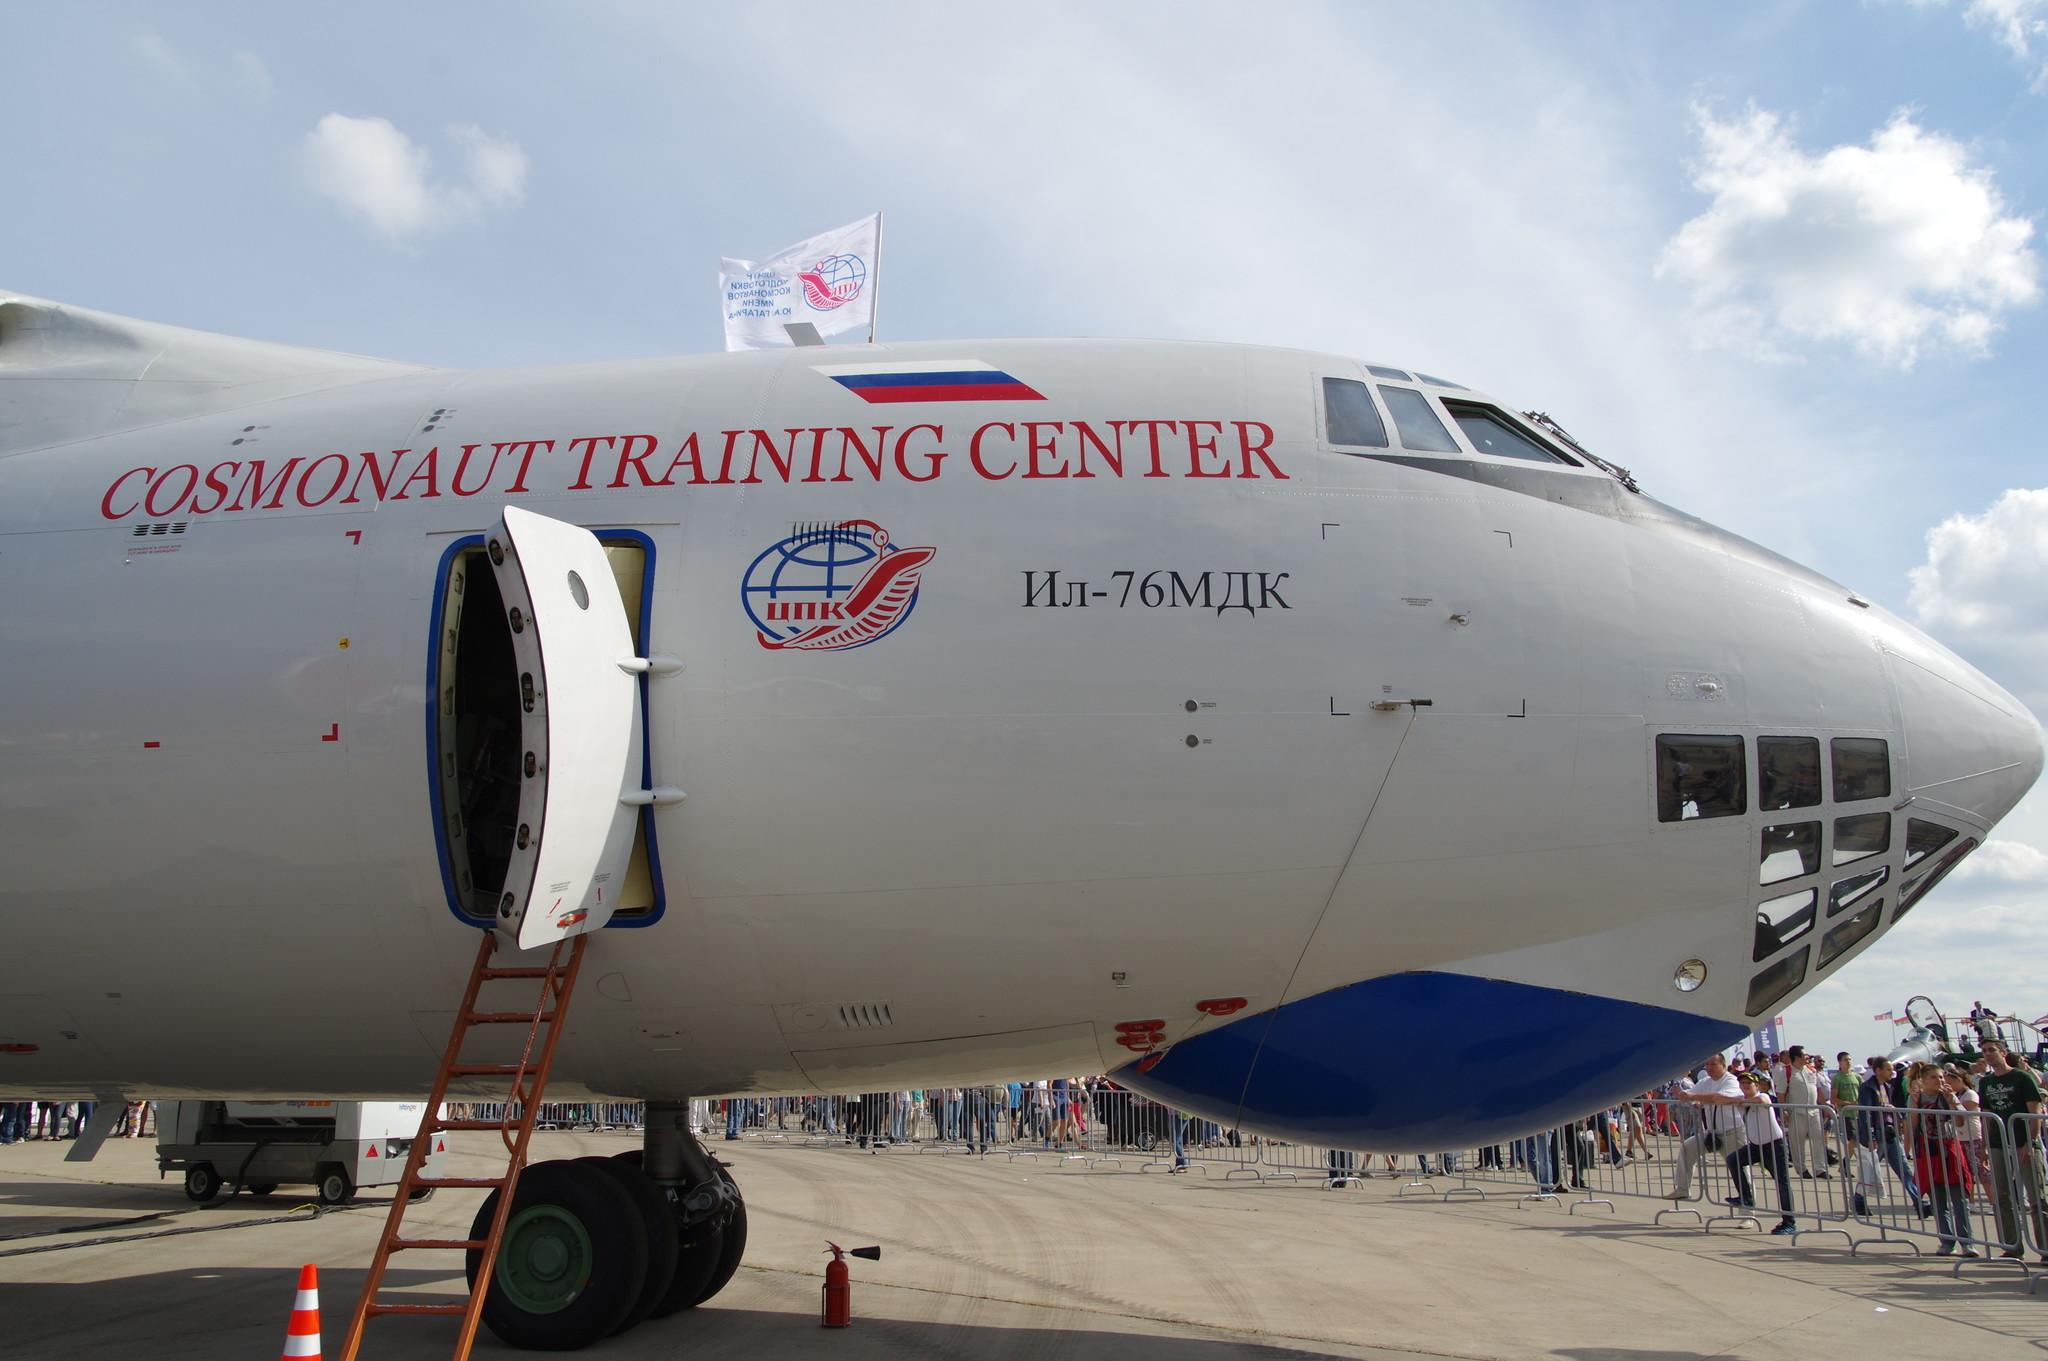 На борту Ил-76МДК во время полёта искусственно создаётся невесомость - такая же, как на МКС